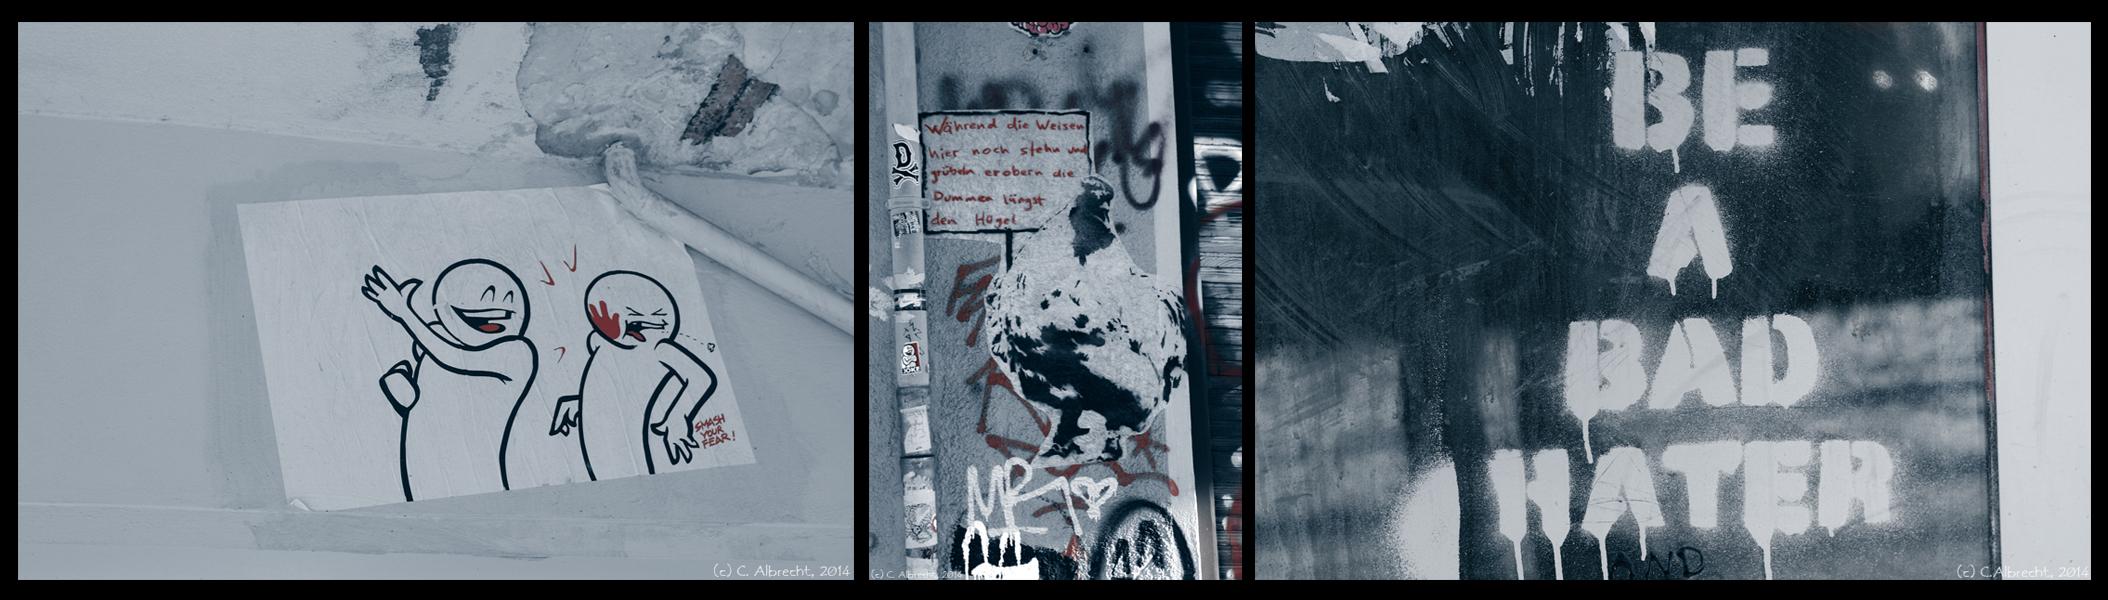 Meinungen im Stadtraum